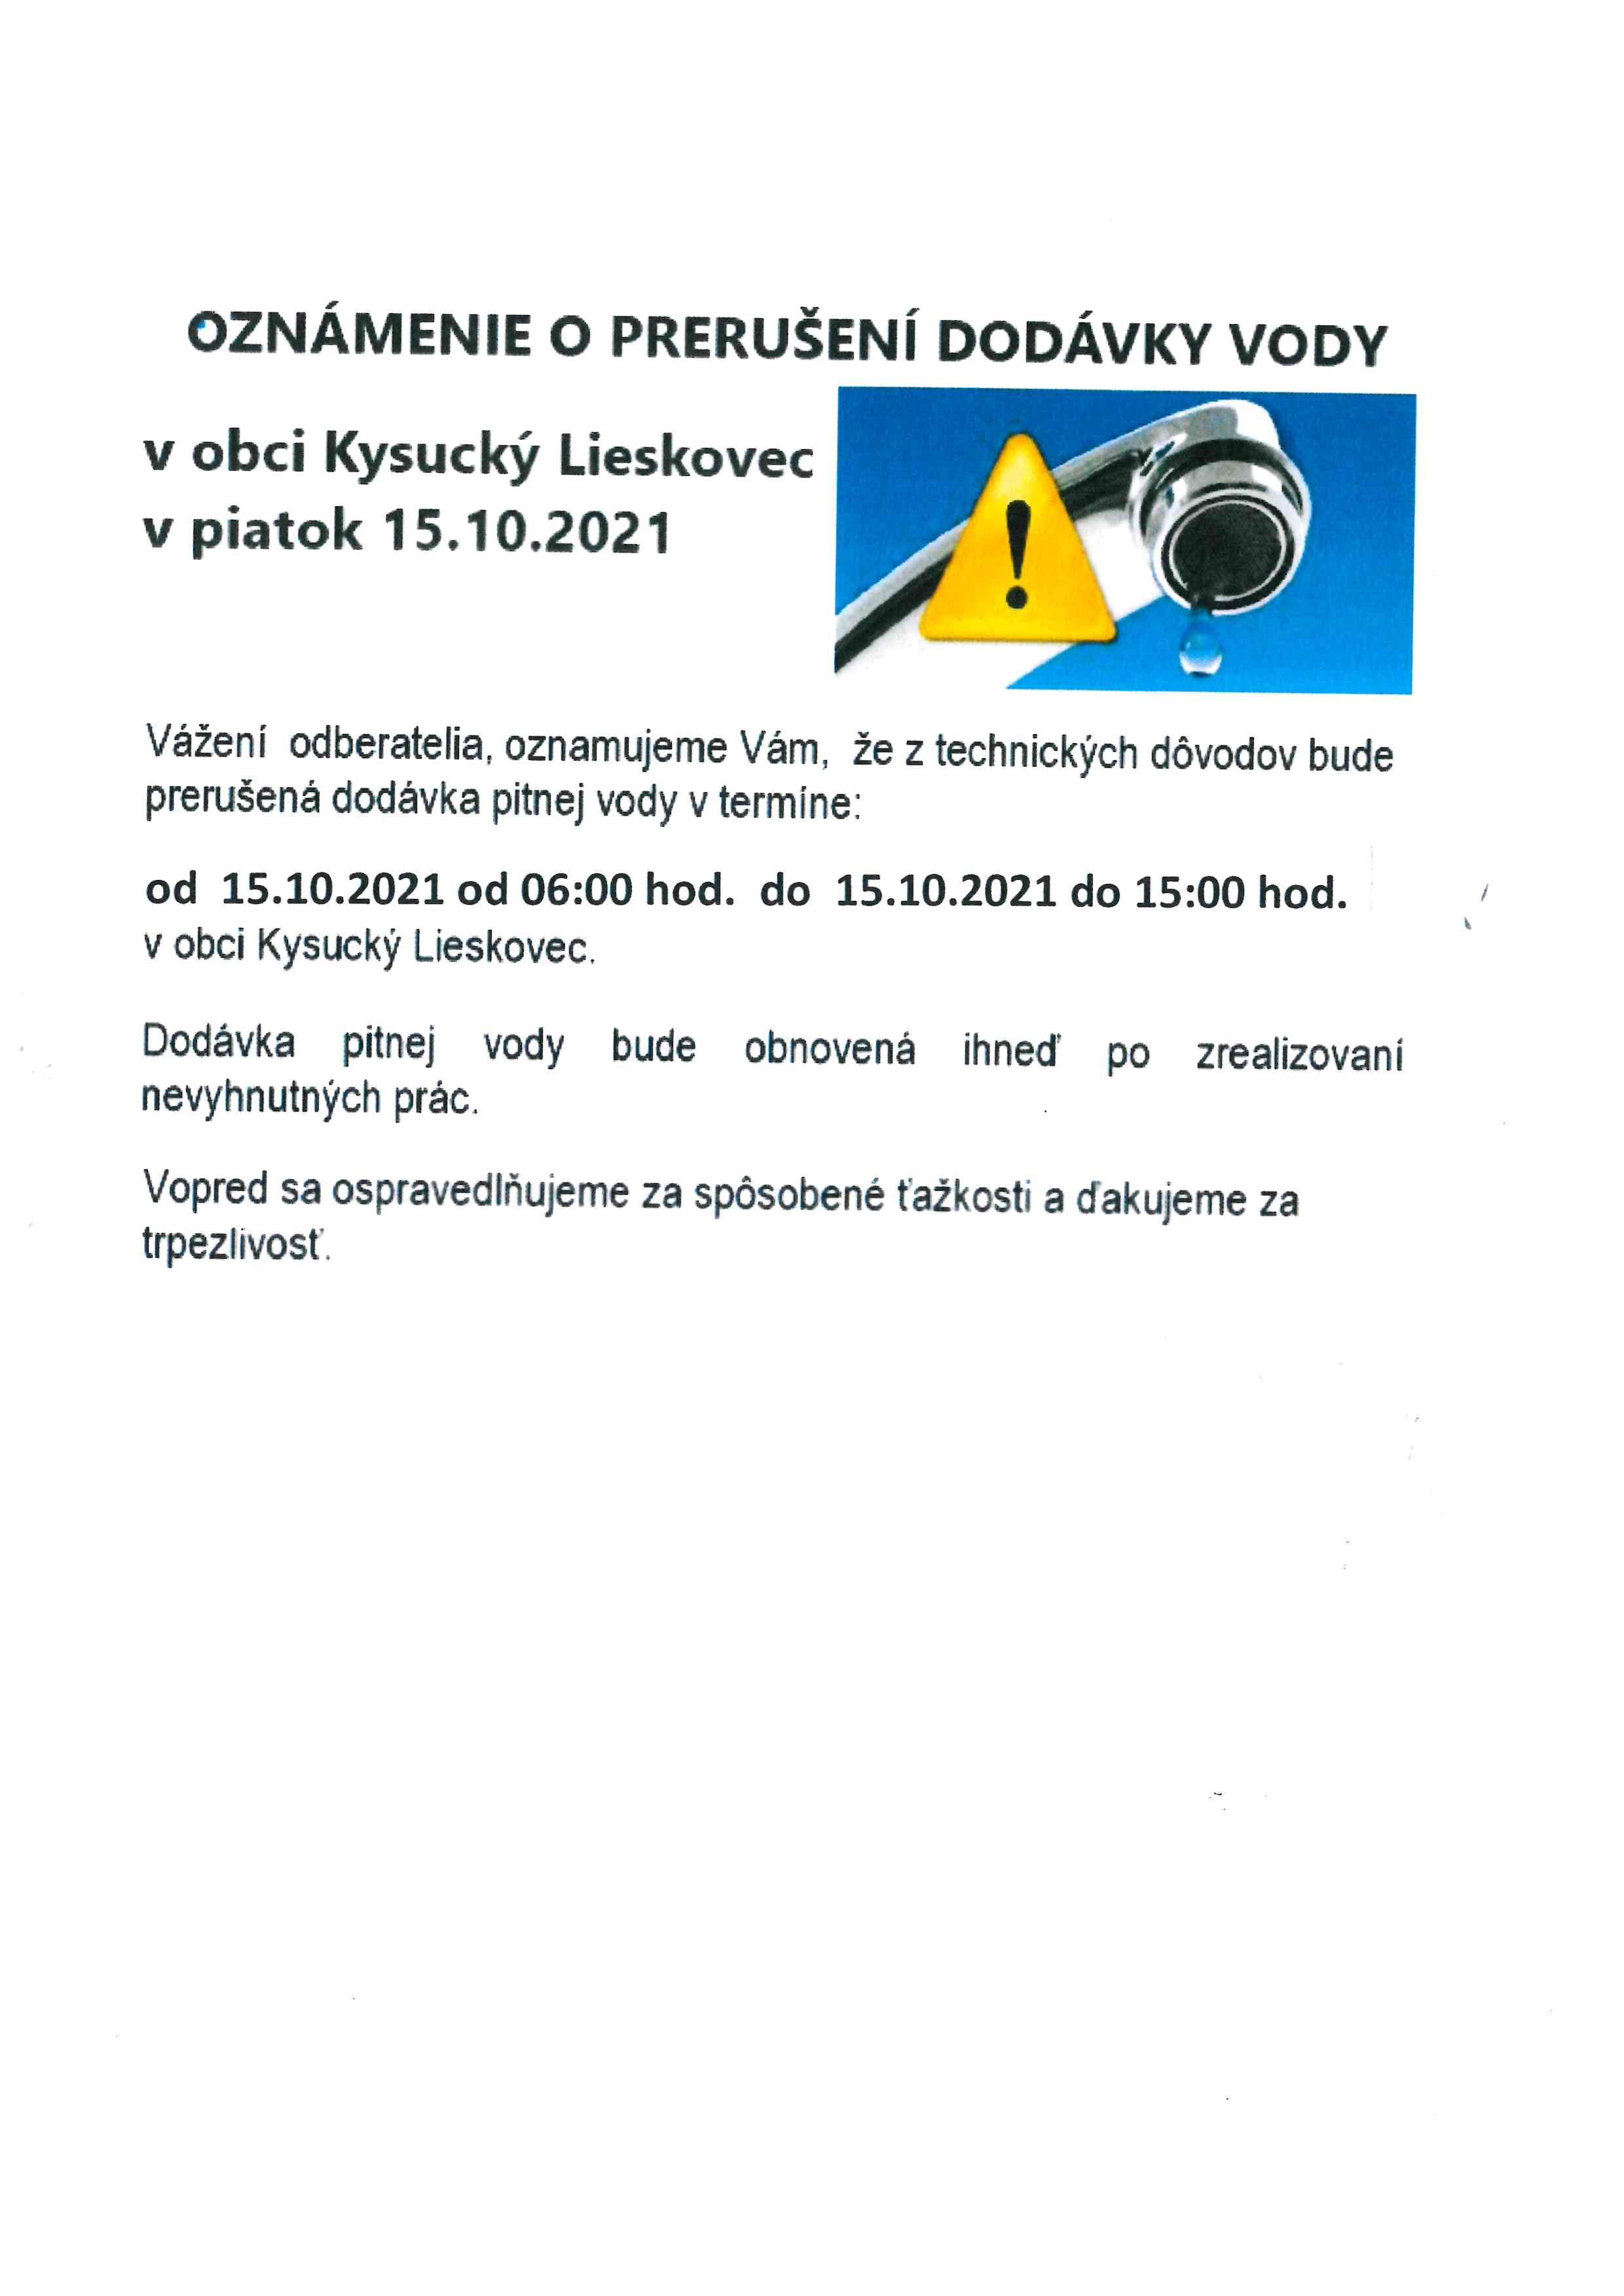 Oznam o prerušení dodávky pitnej vody dňa 15.10.2021